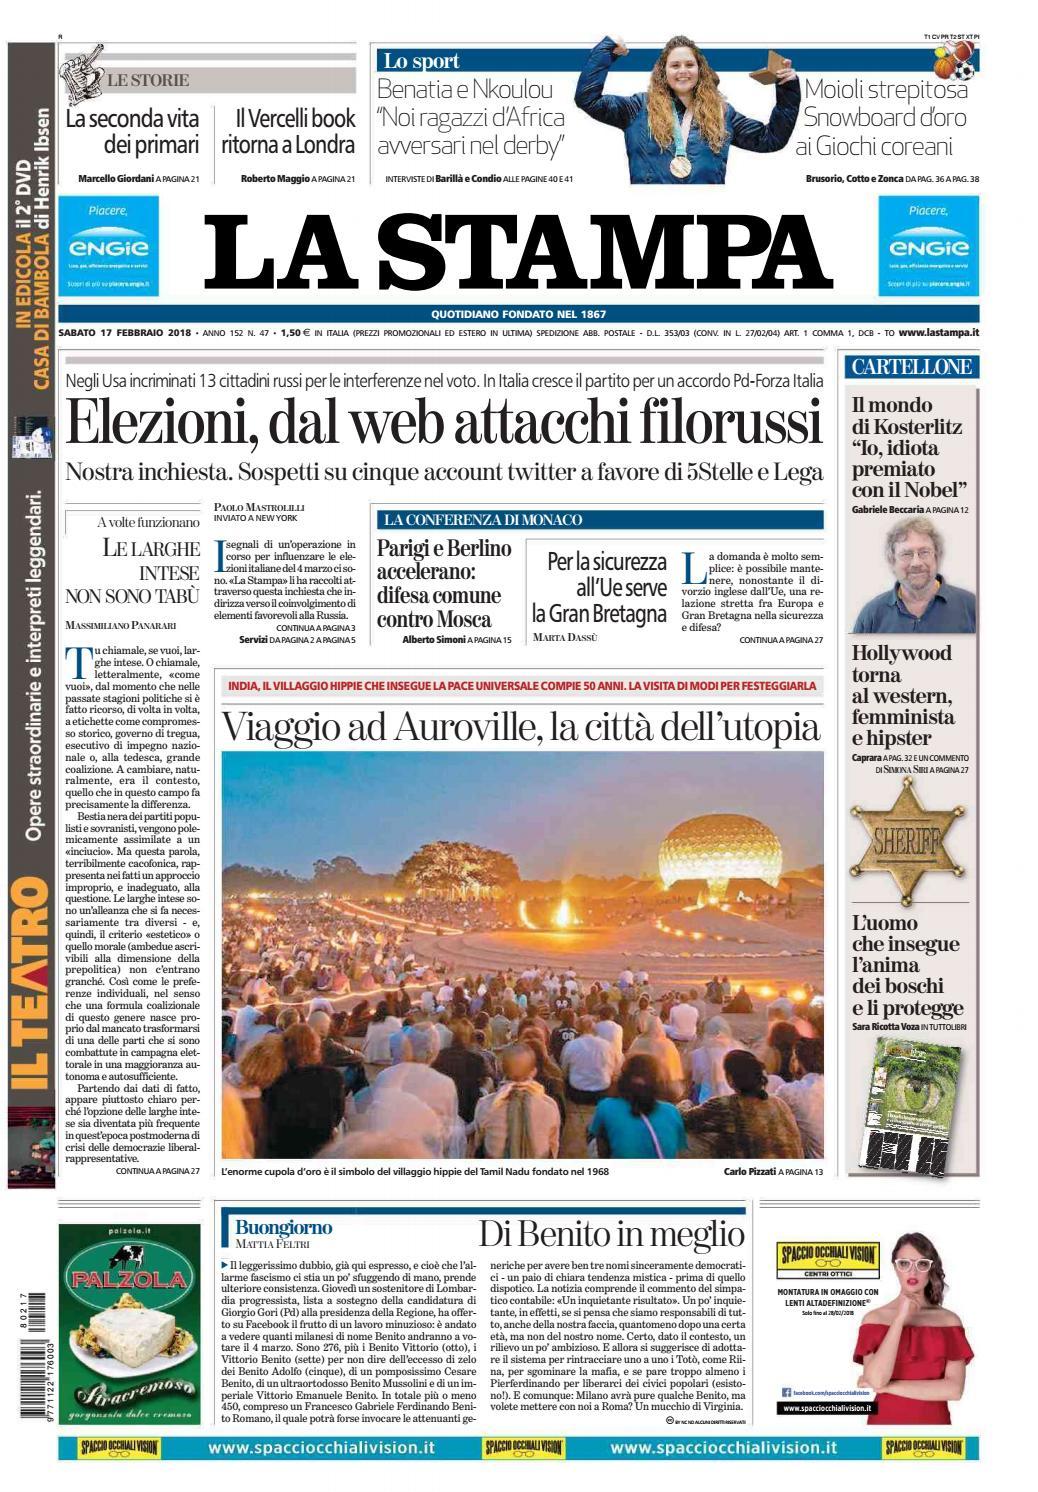 71a074d7e08d La stampa 17 febbraio 2018 by laredazione - issuu